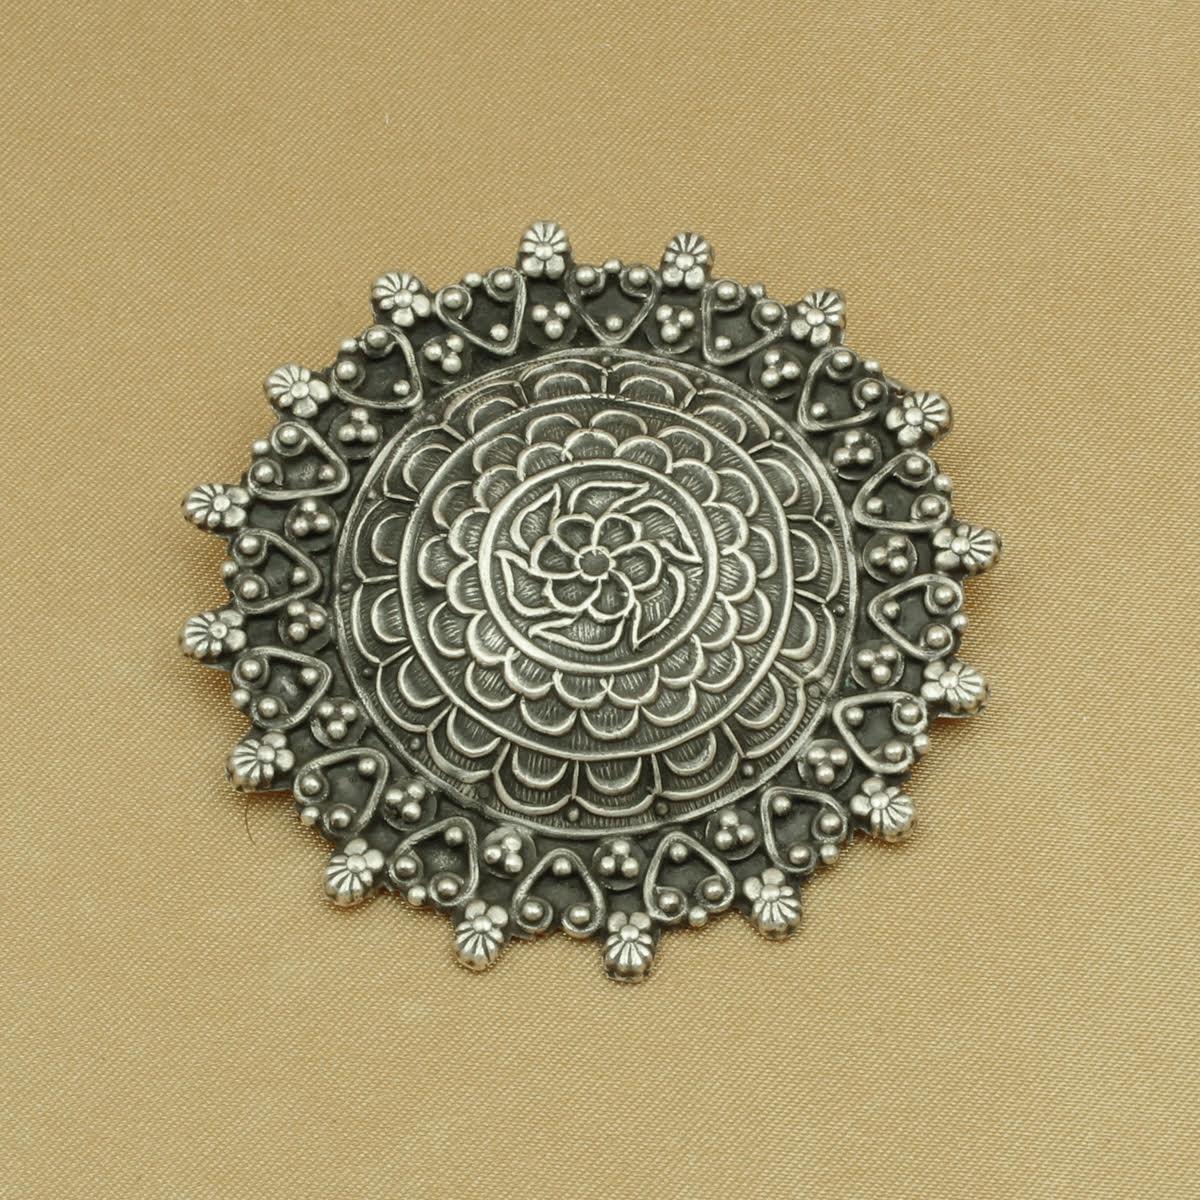 pure-silver-jewellery-designs-2019 (8)